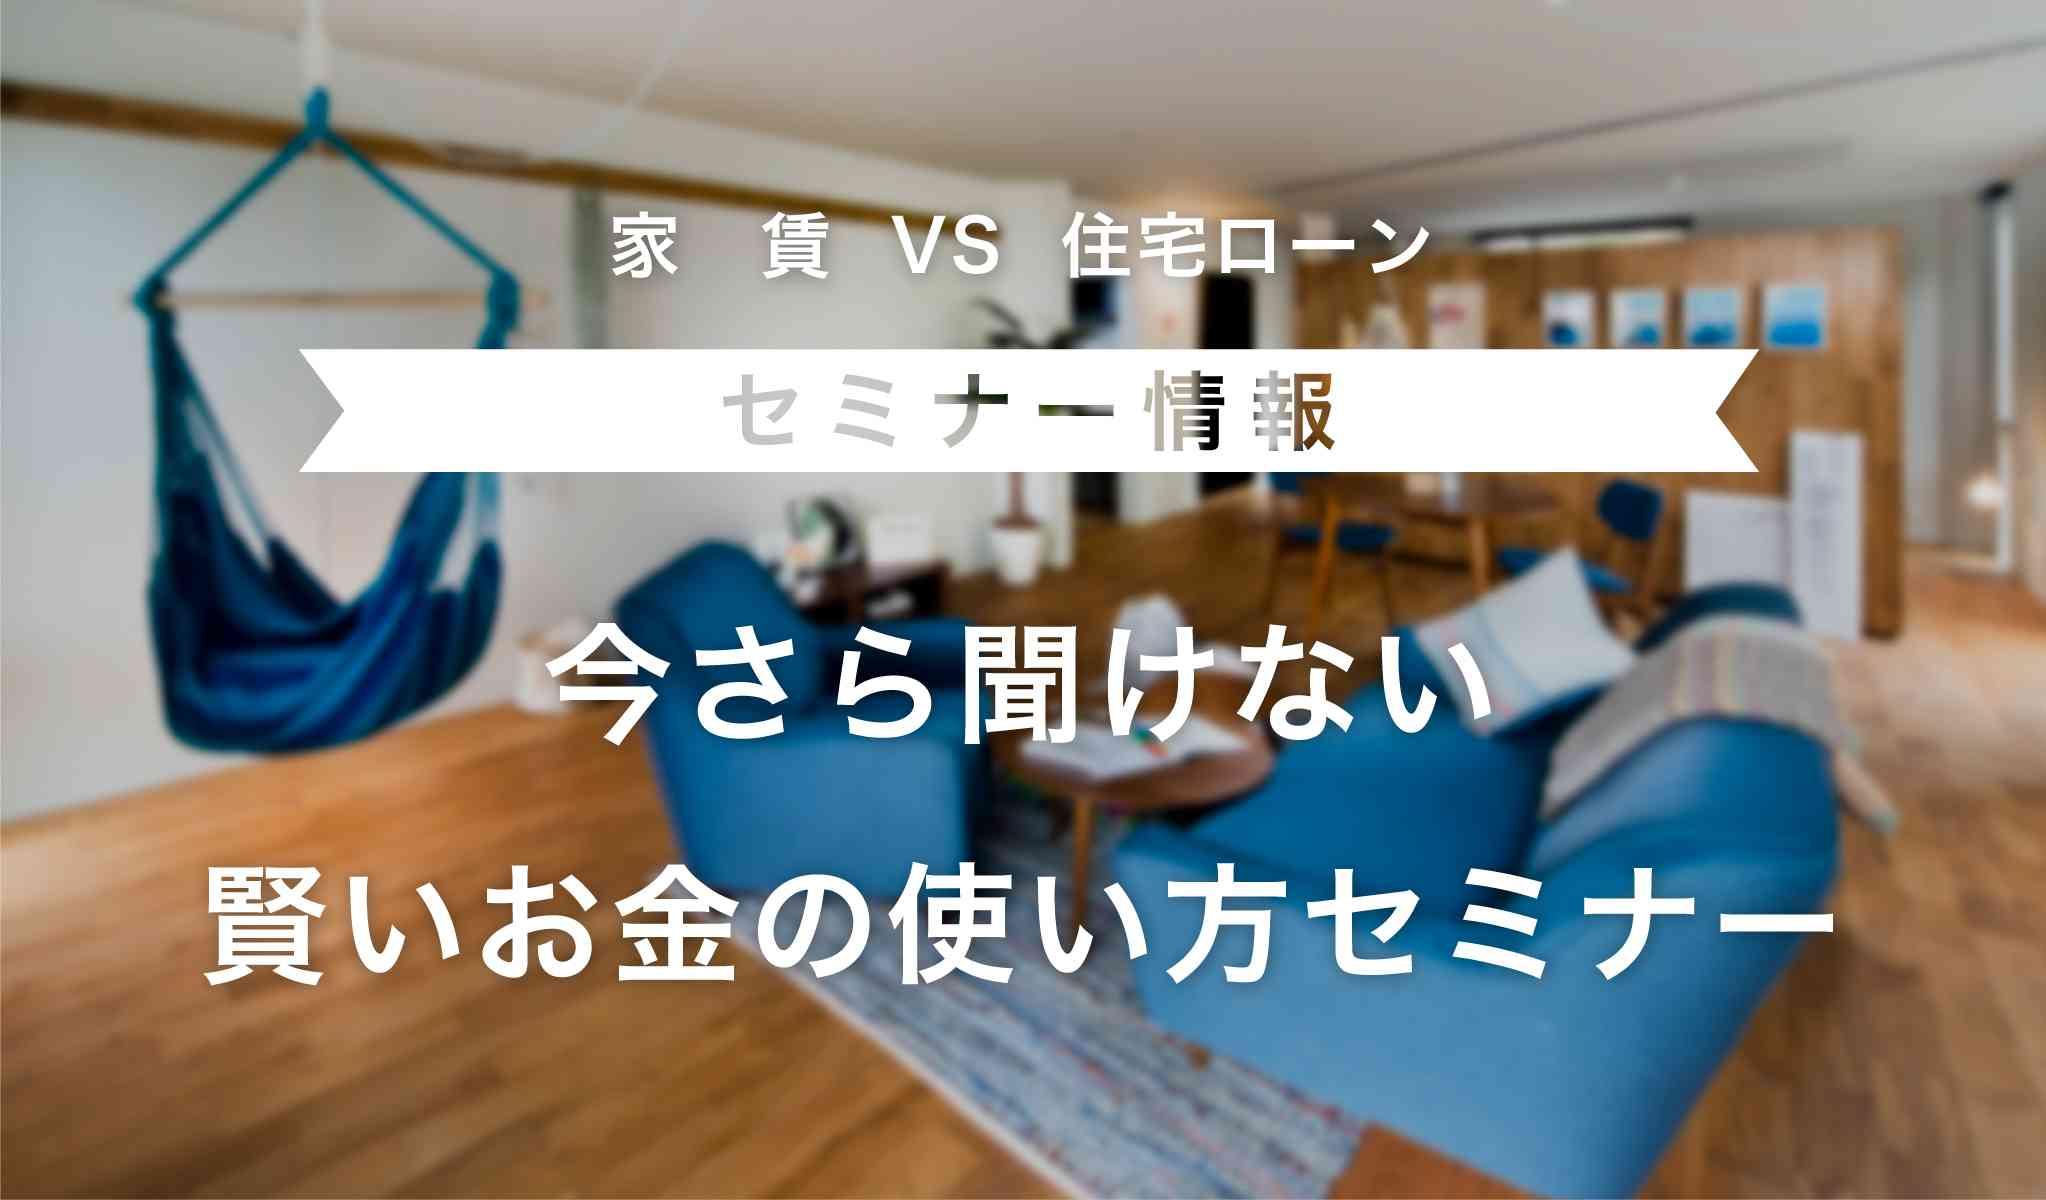 「家賃」VS「住宅ローン」今さら聞けない賢いお金の使い方セミナー